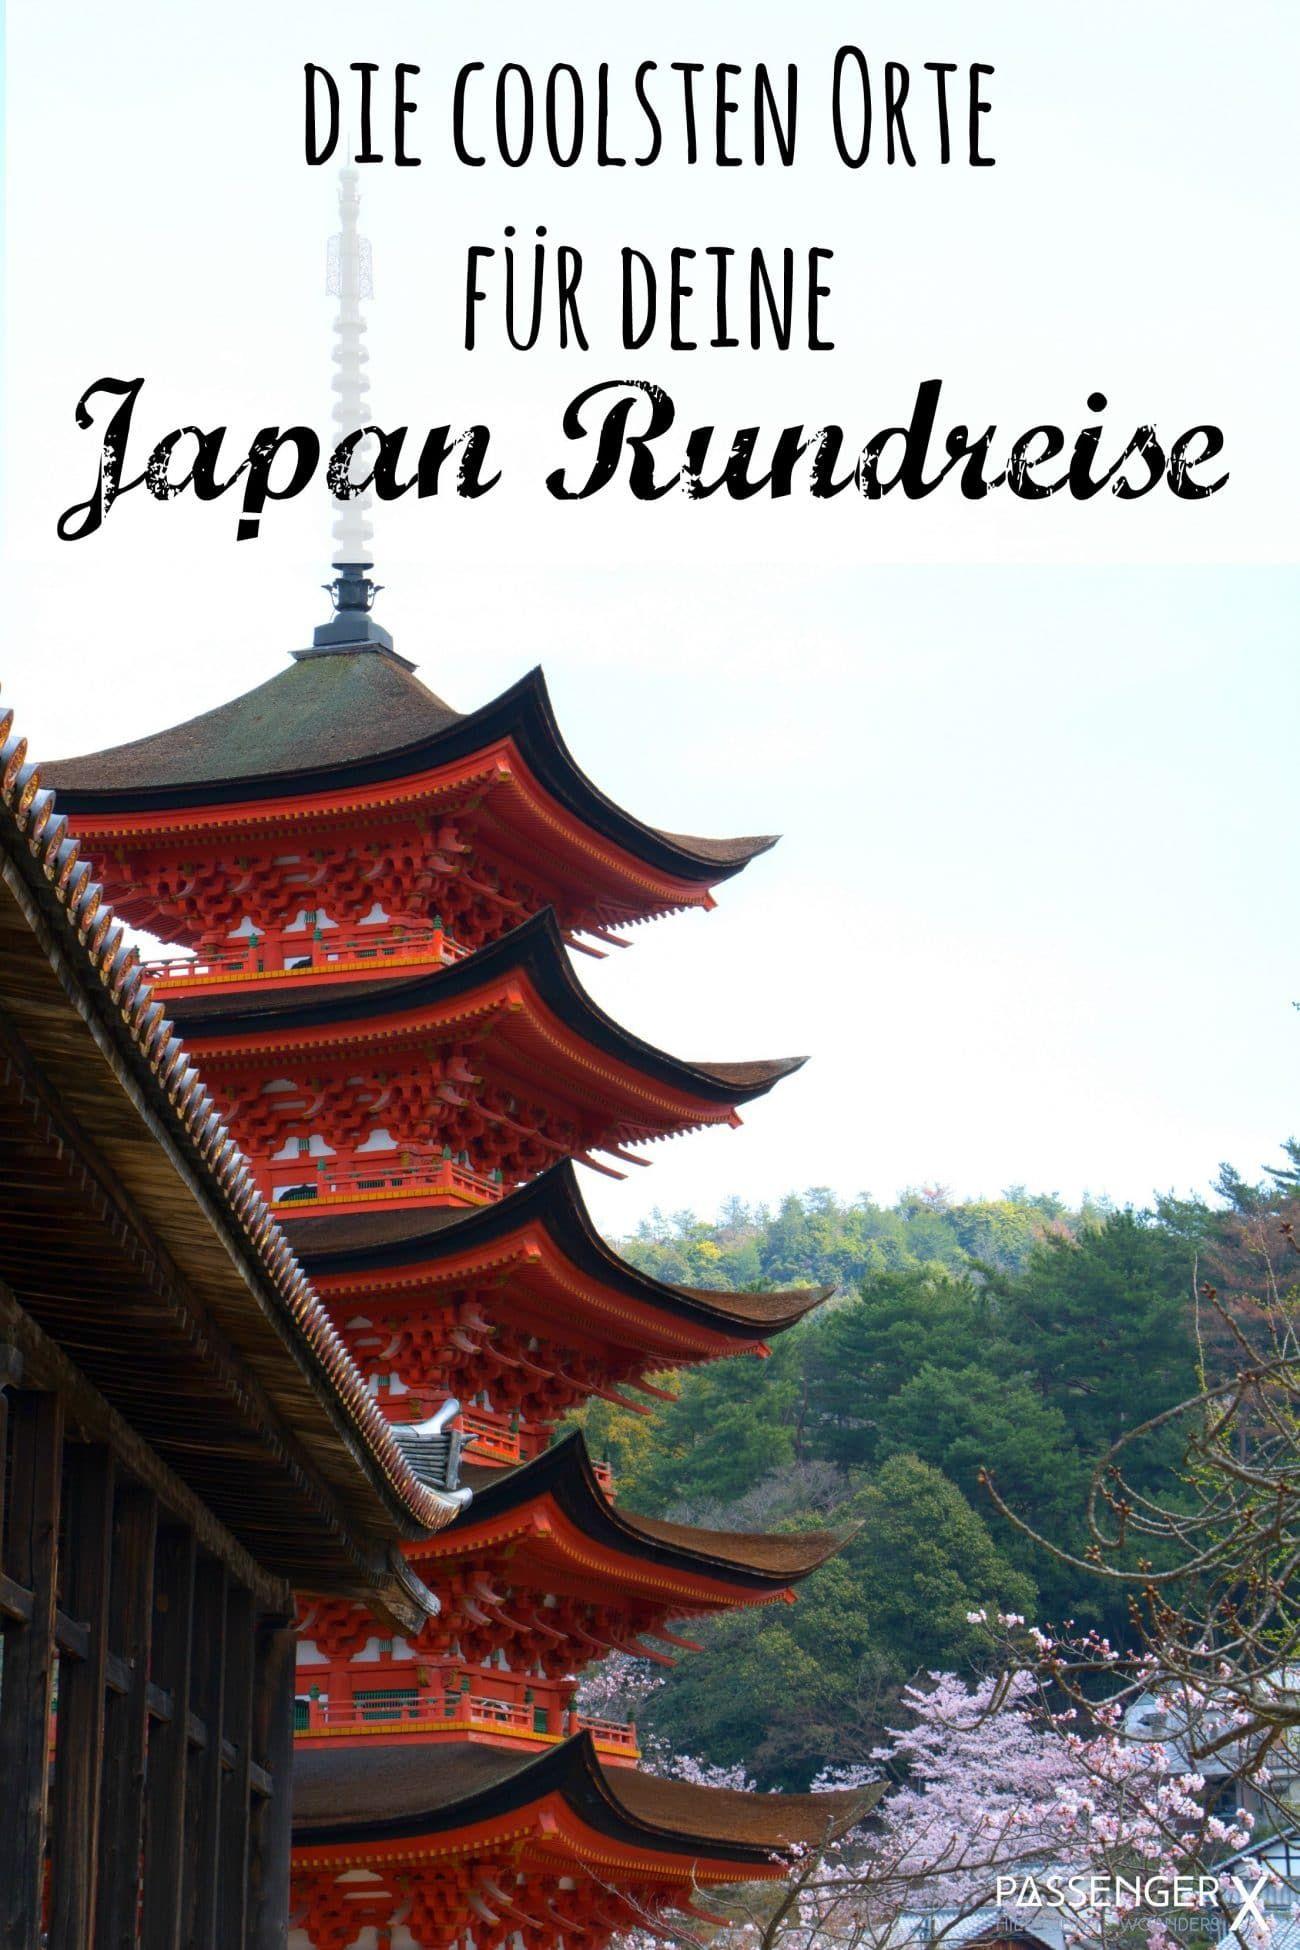 Tipps für deine Japan Rundreise: Route, Unterkünfte, Tops und Flops #aroundtheworldtrips